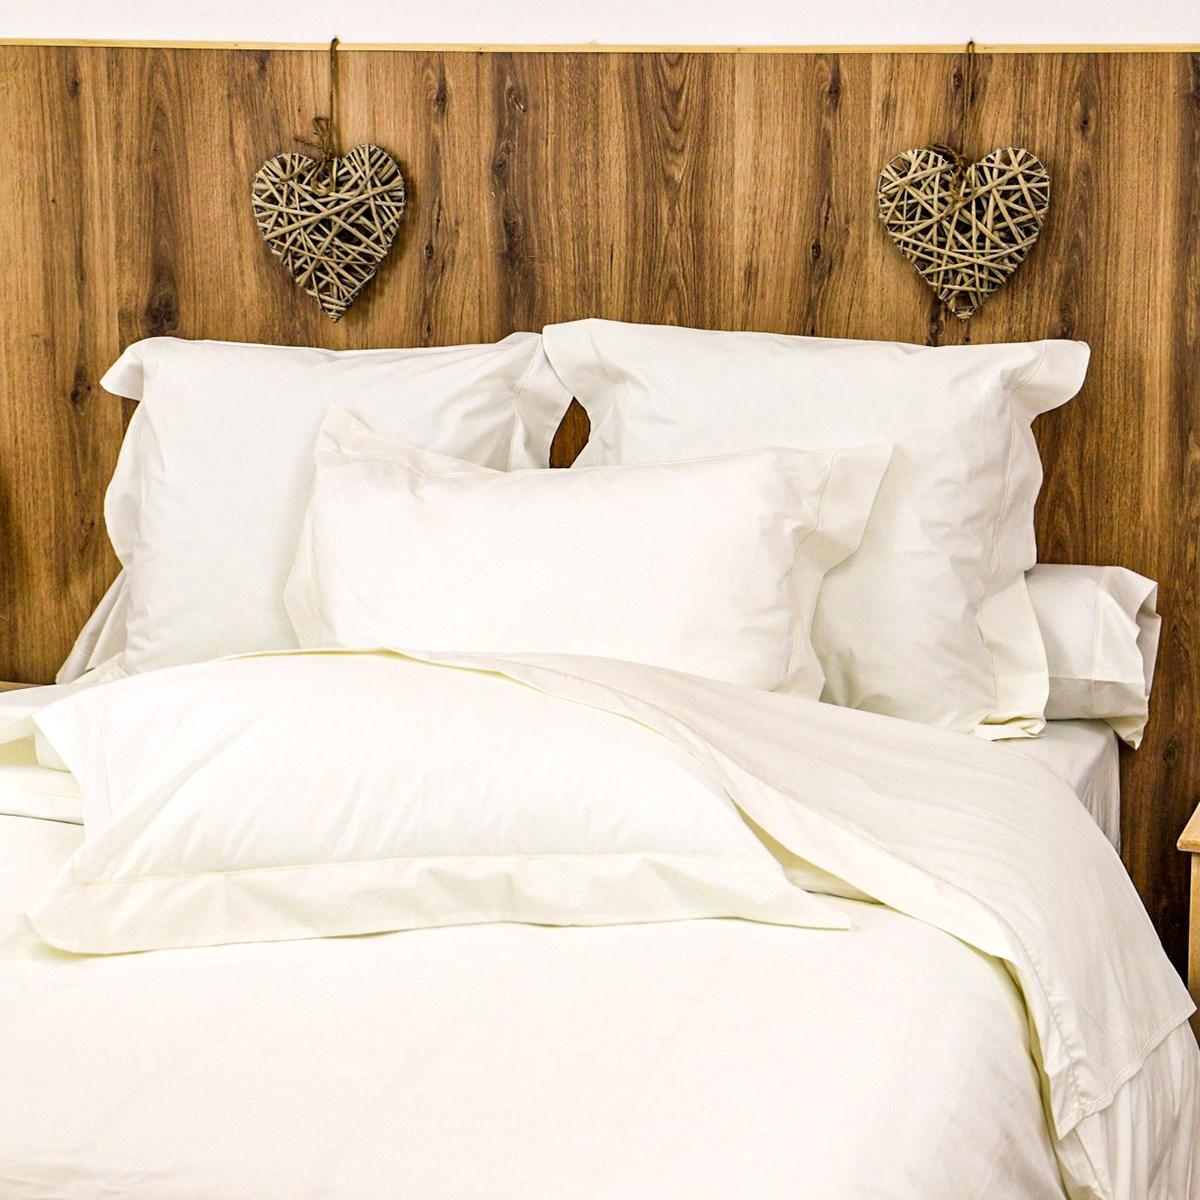 Parure housse de couette percale 200 fils en coton ivoire 200x200 cm